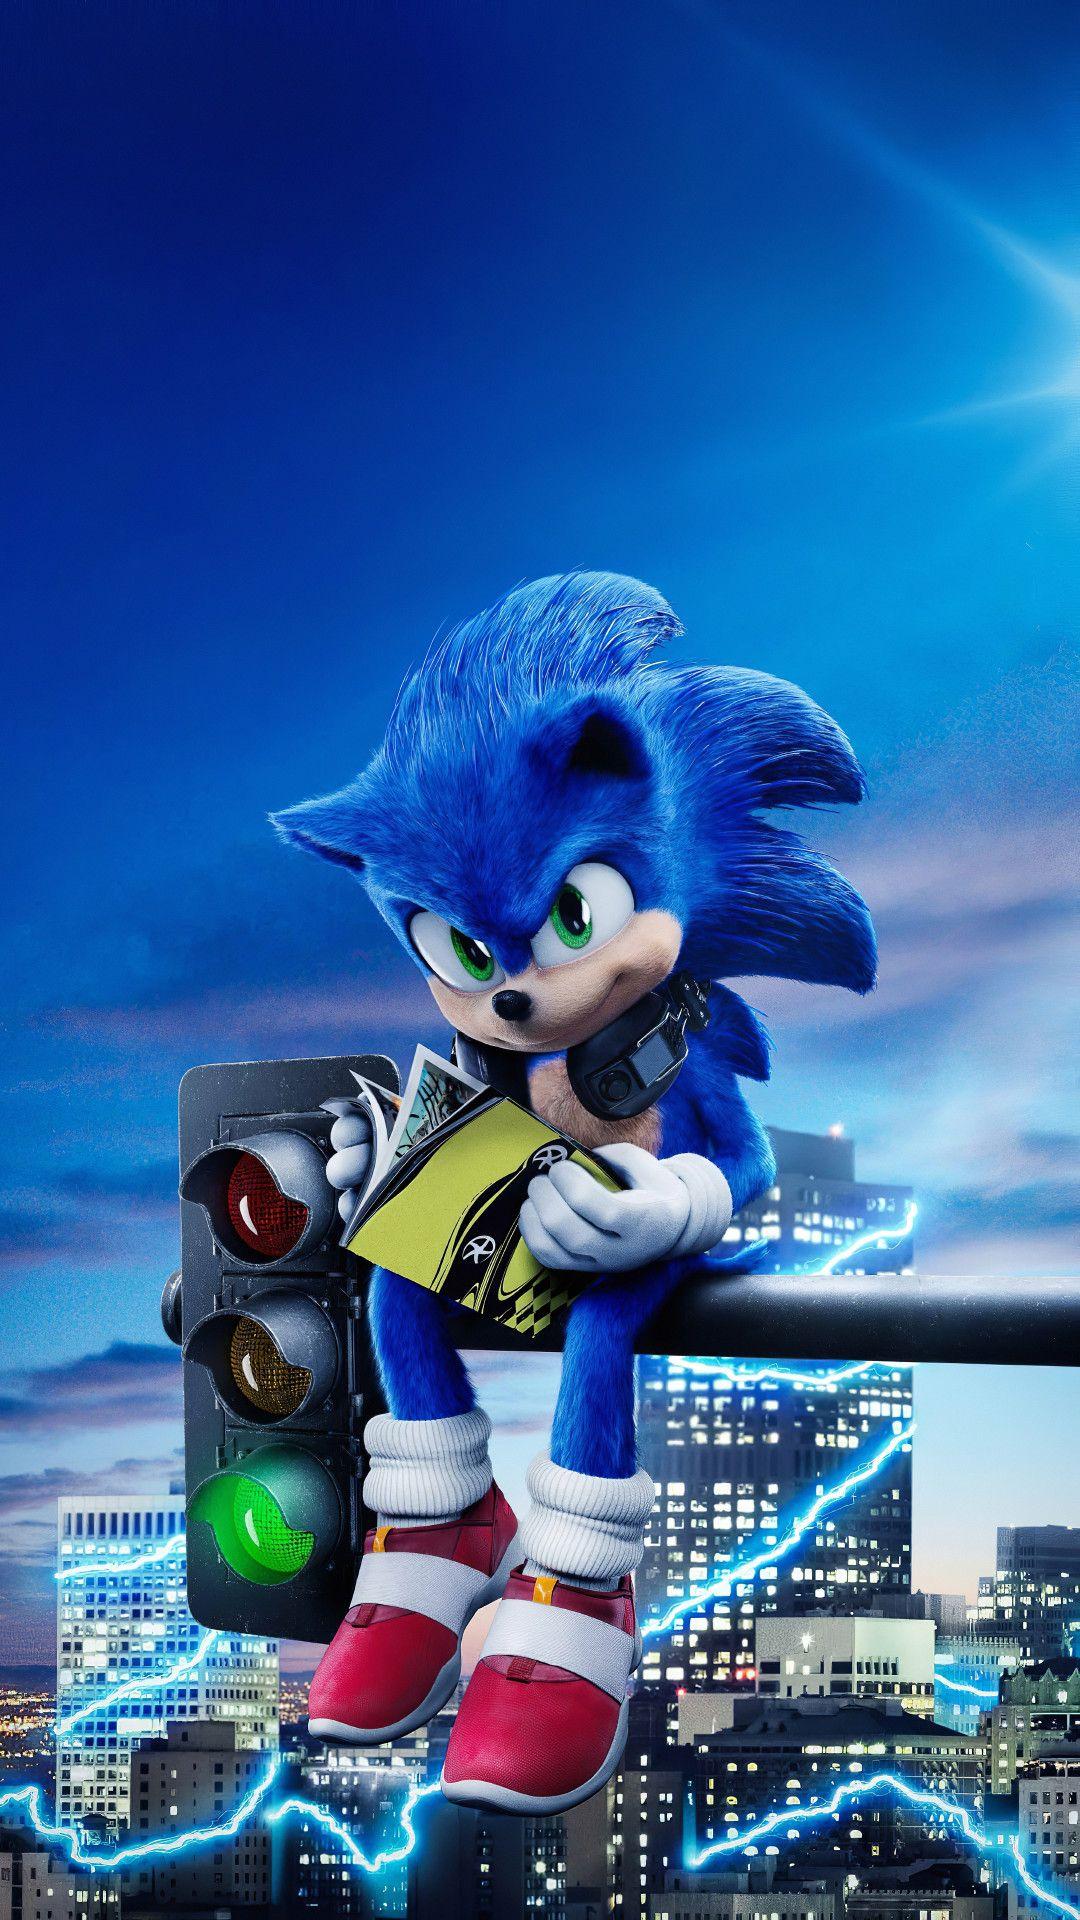 Sonic The Hedgehog In 2020 Hedgehog Movie Sonic The Hedgehog Hedgehog Art